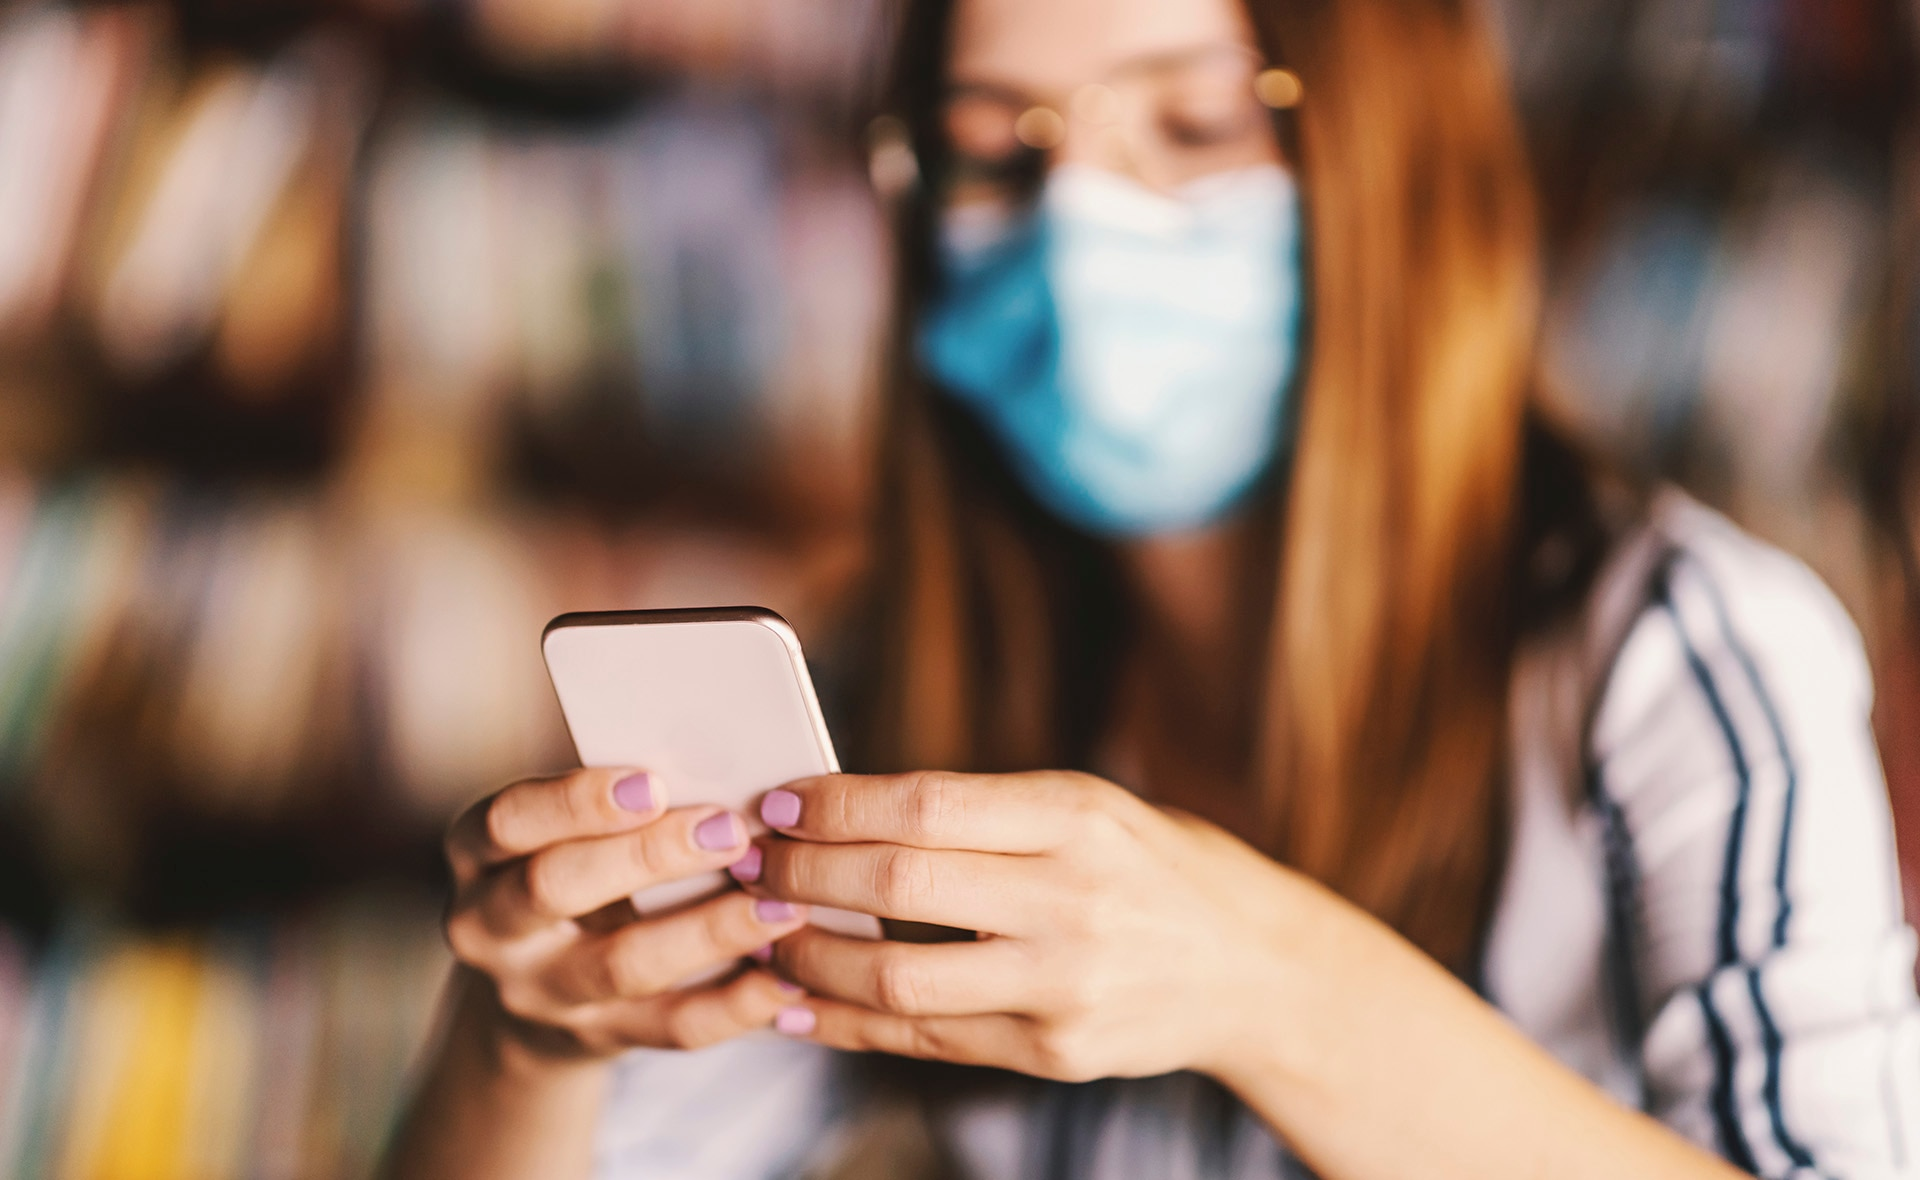 BBVA-2021-Pandemia-CanalesDigitales-mujer-app-movil-dispositivo-tecnologia-transformación-digital